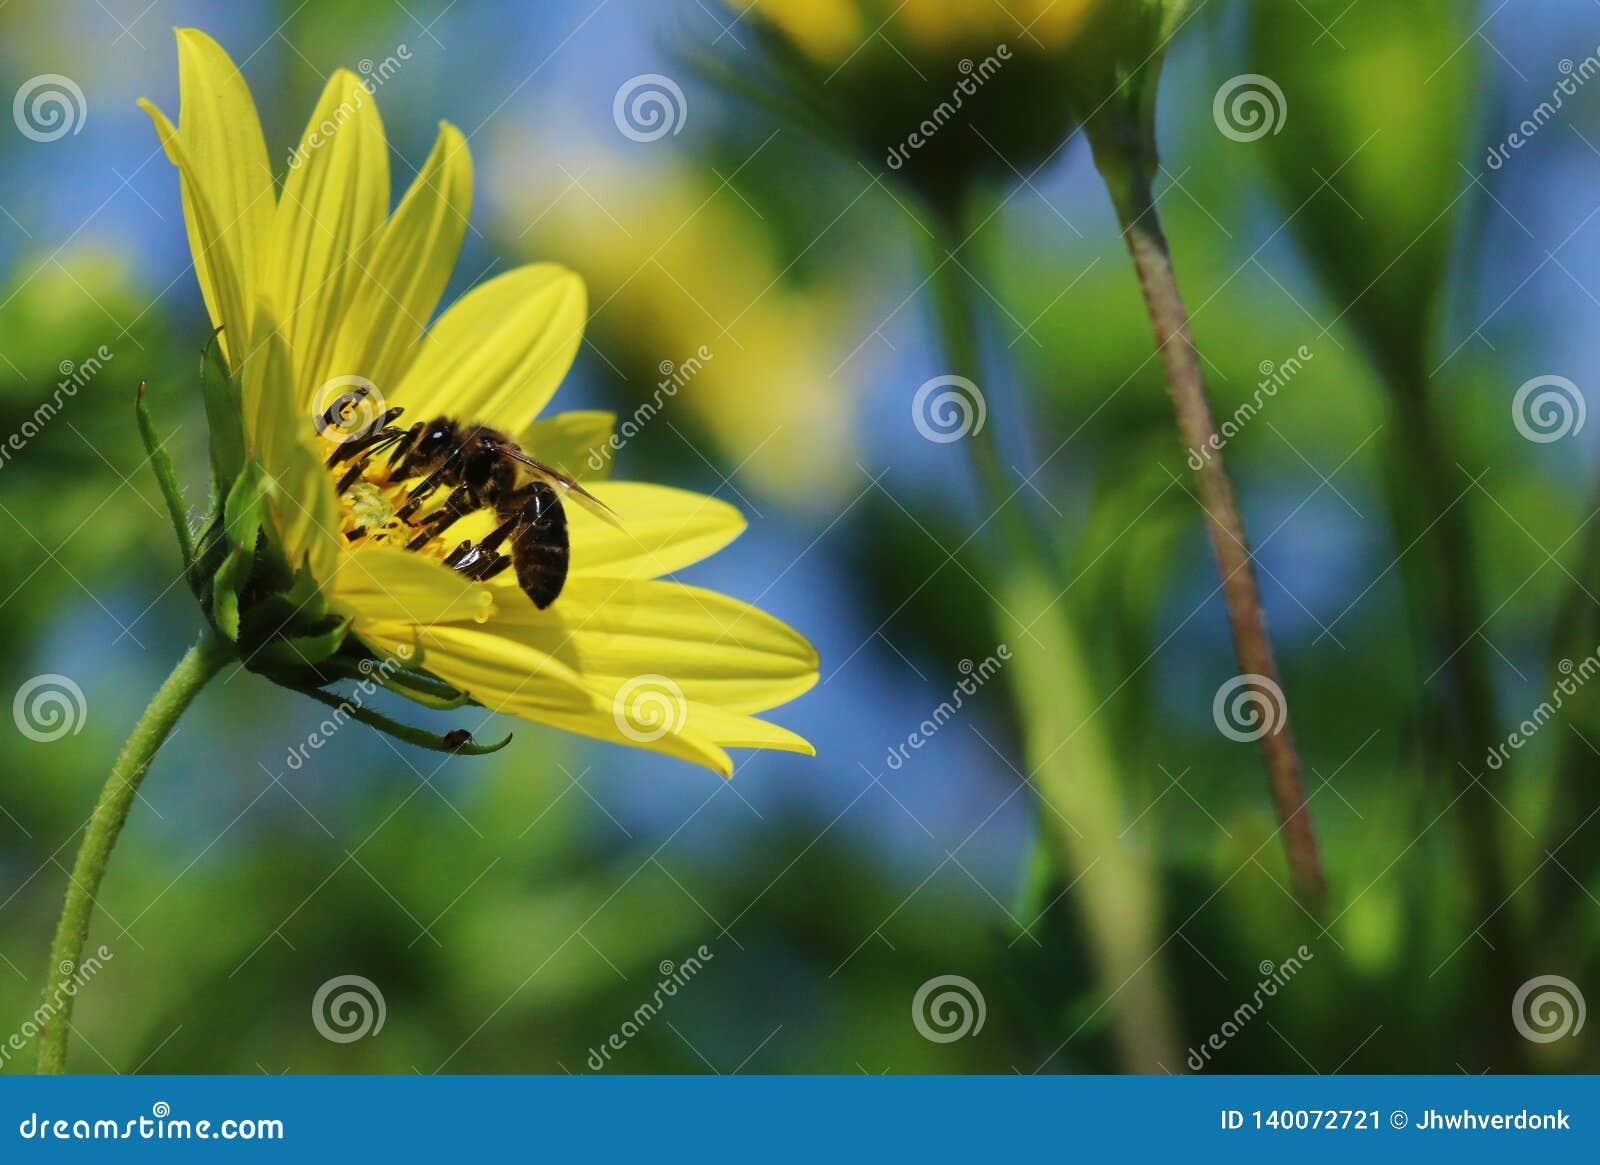 Een bij die een gele bloem met ruimte bestuiven om tekst te plaatsen